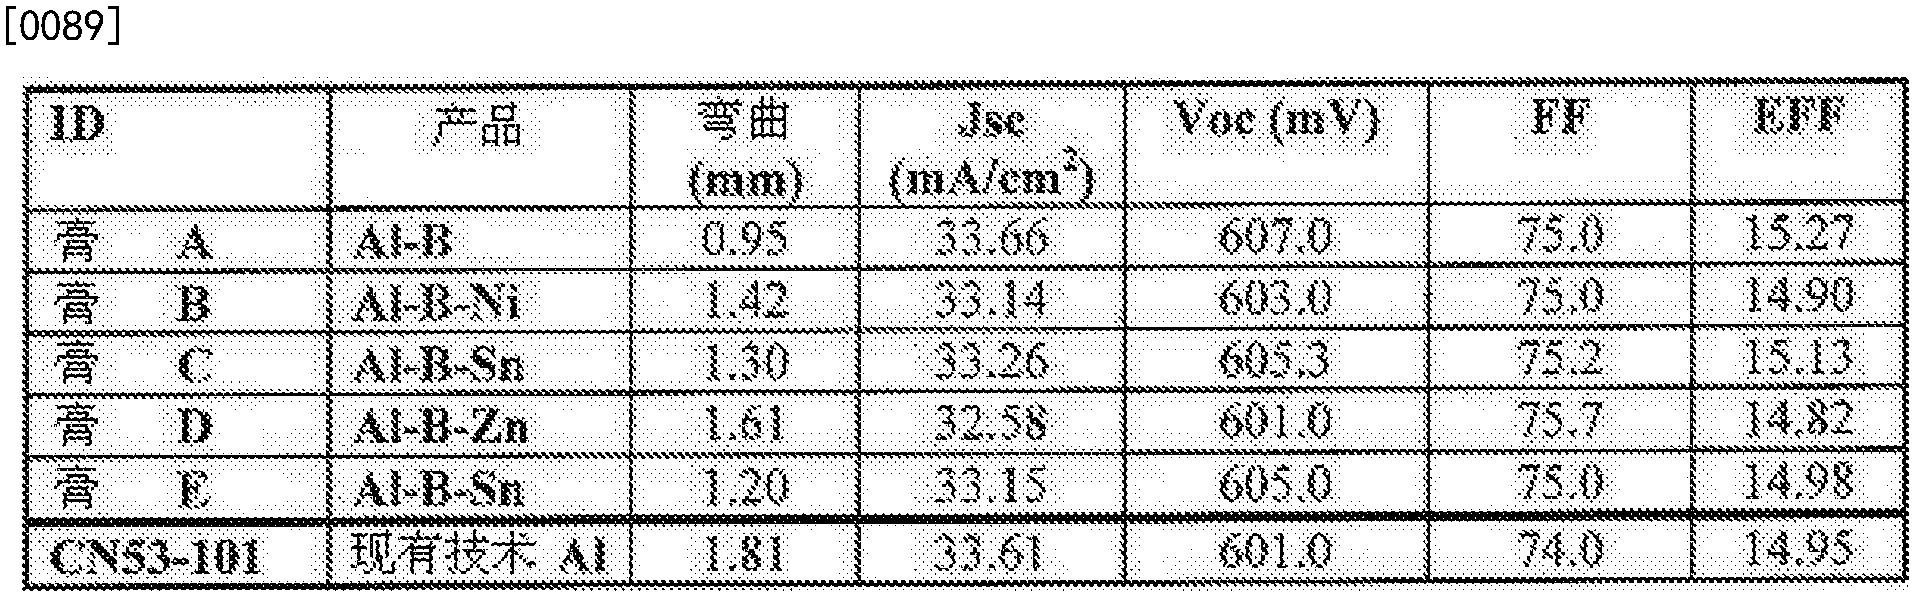 Figure CN102709341BD00152